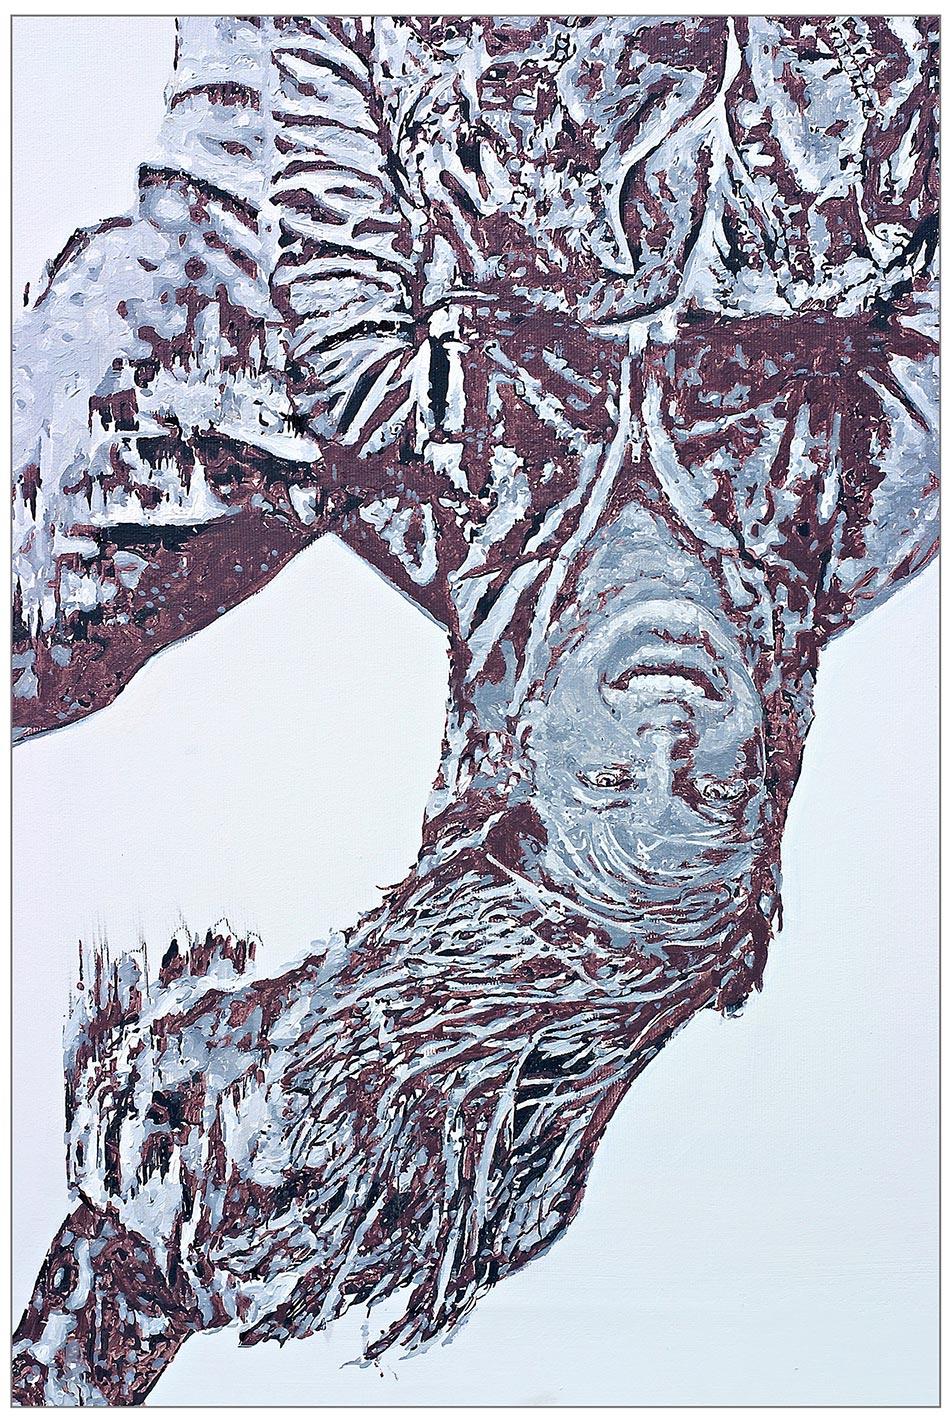 Siavash-Talaei-untitled-detail